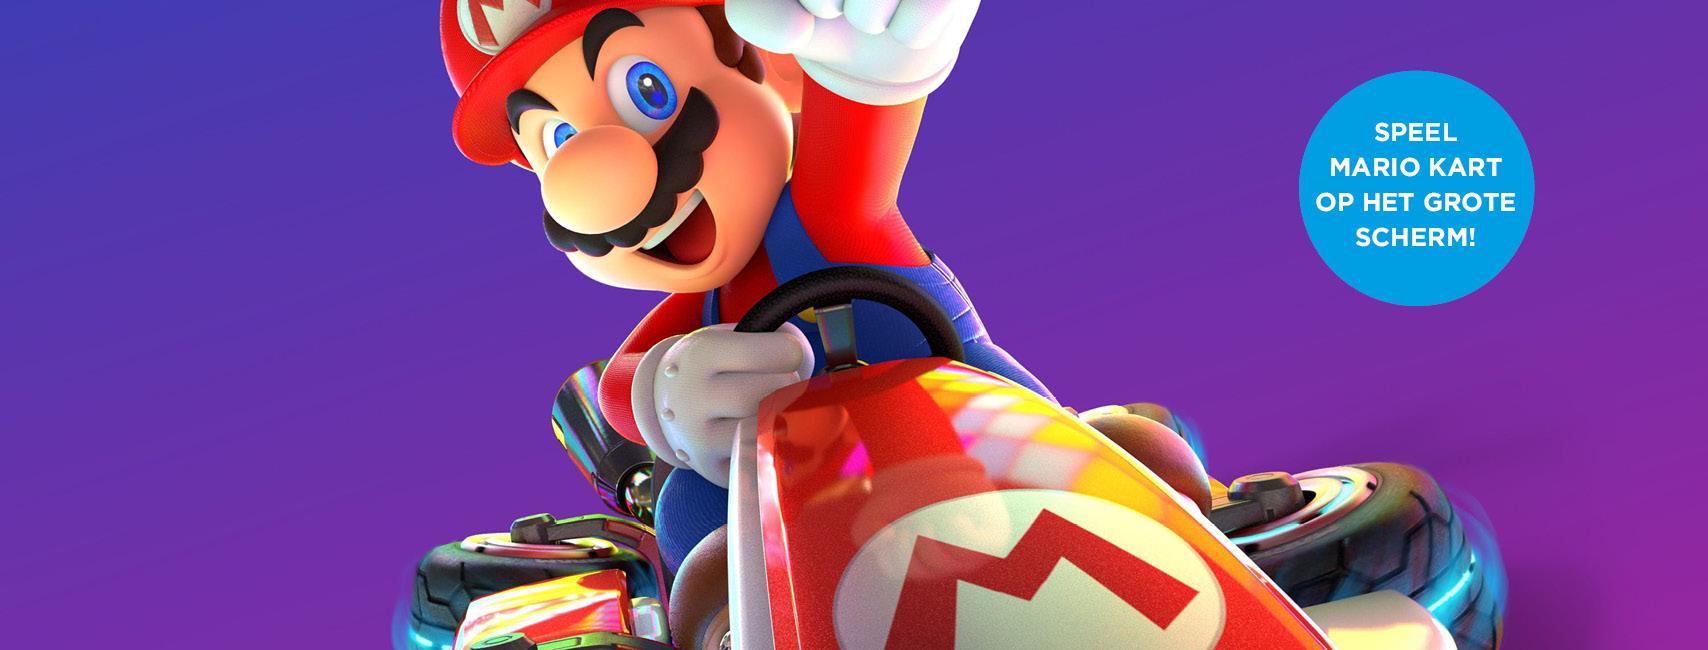 Mario Kart toernooi 2020